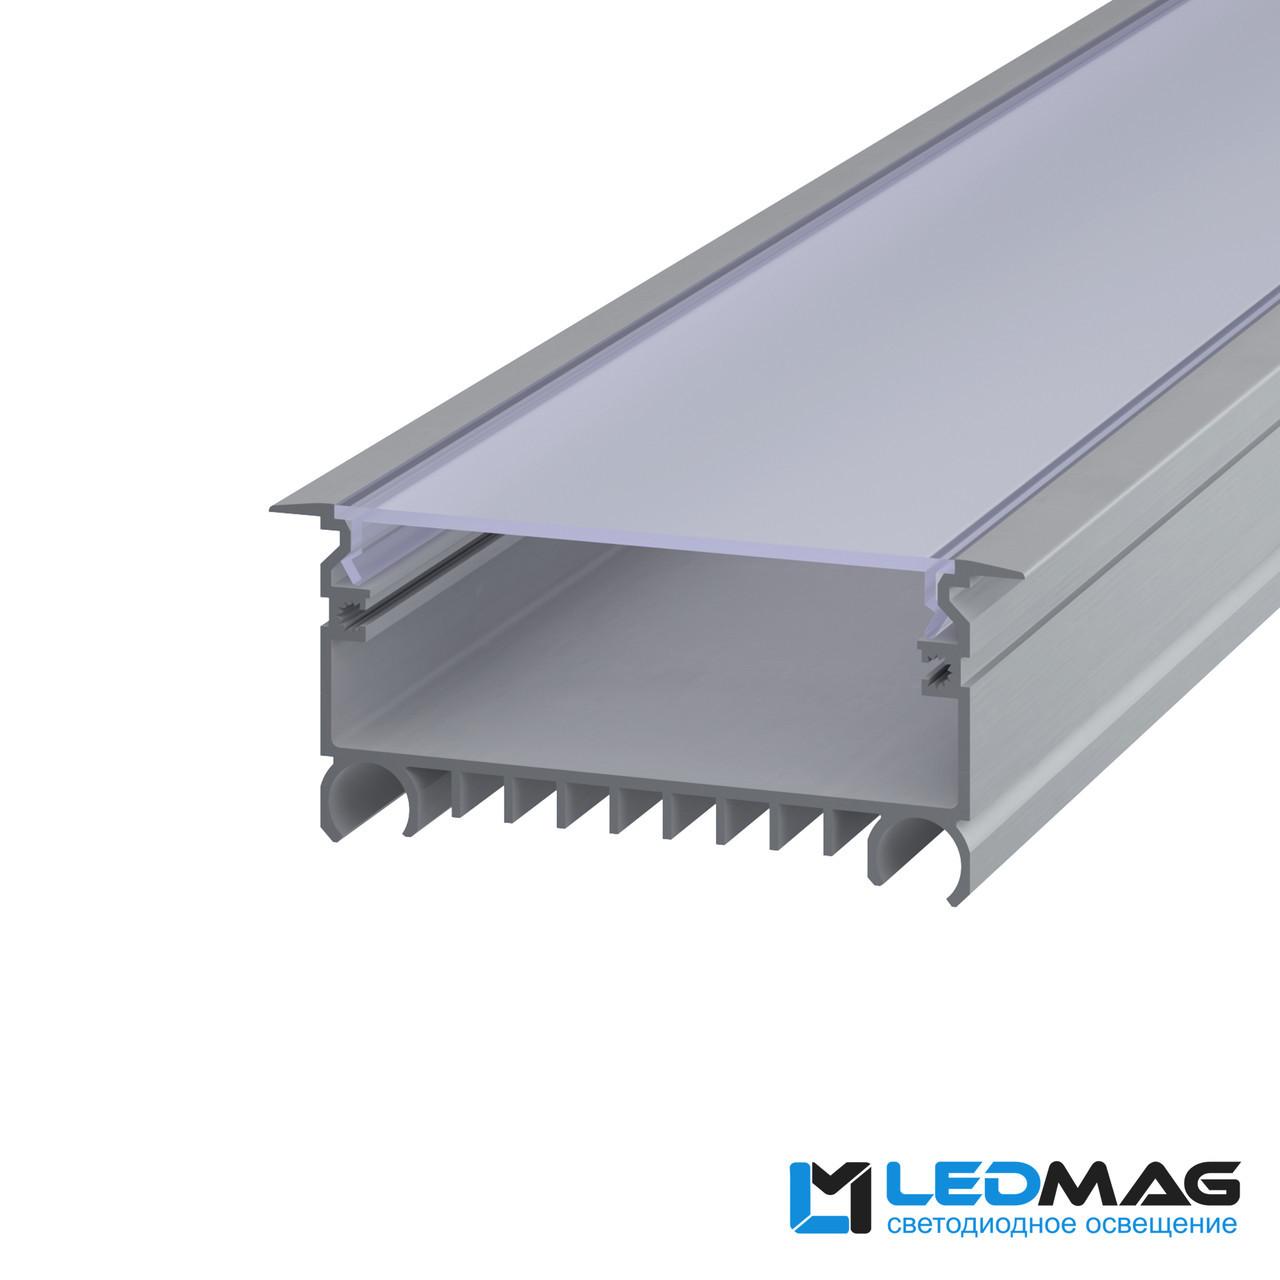 LED профиль для светодиодной ленты врезной LSV-70 алюминиевый с матовой крышкой (2м, 3м, 5м) 85(74)x33 мм